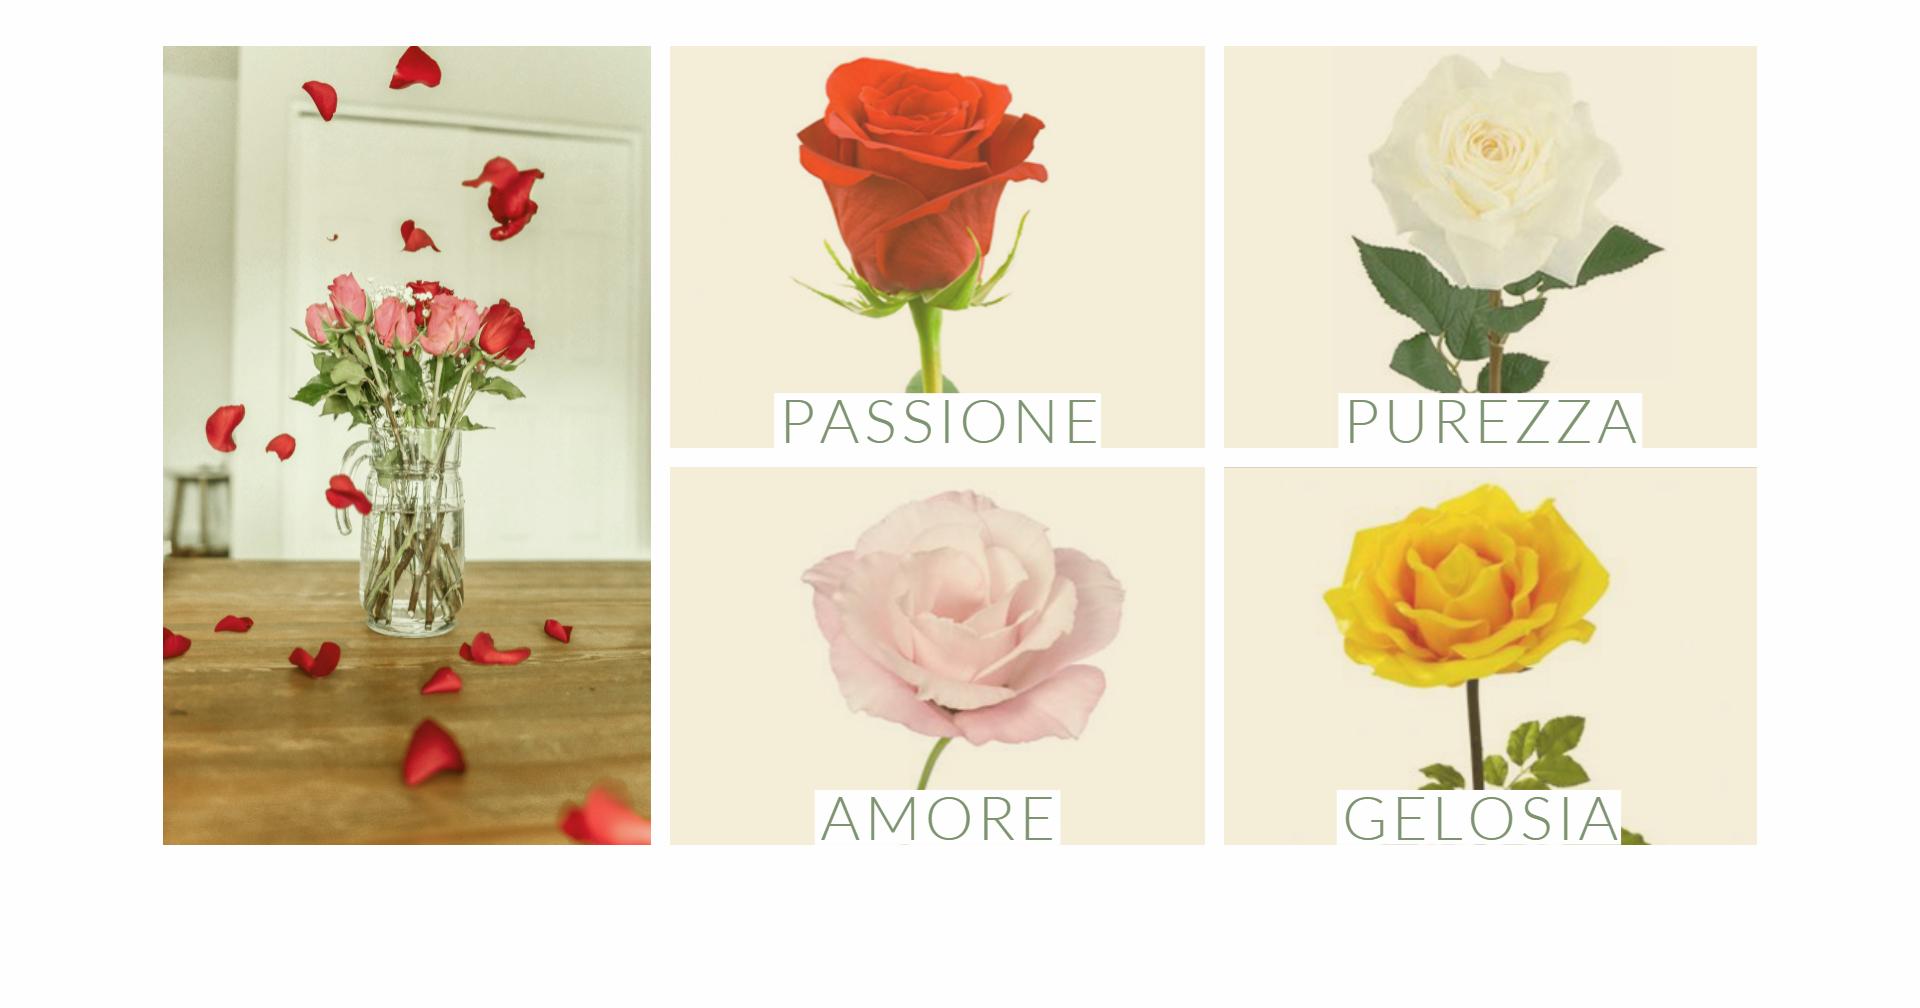 Il linguaggio dei fiori - le rose